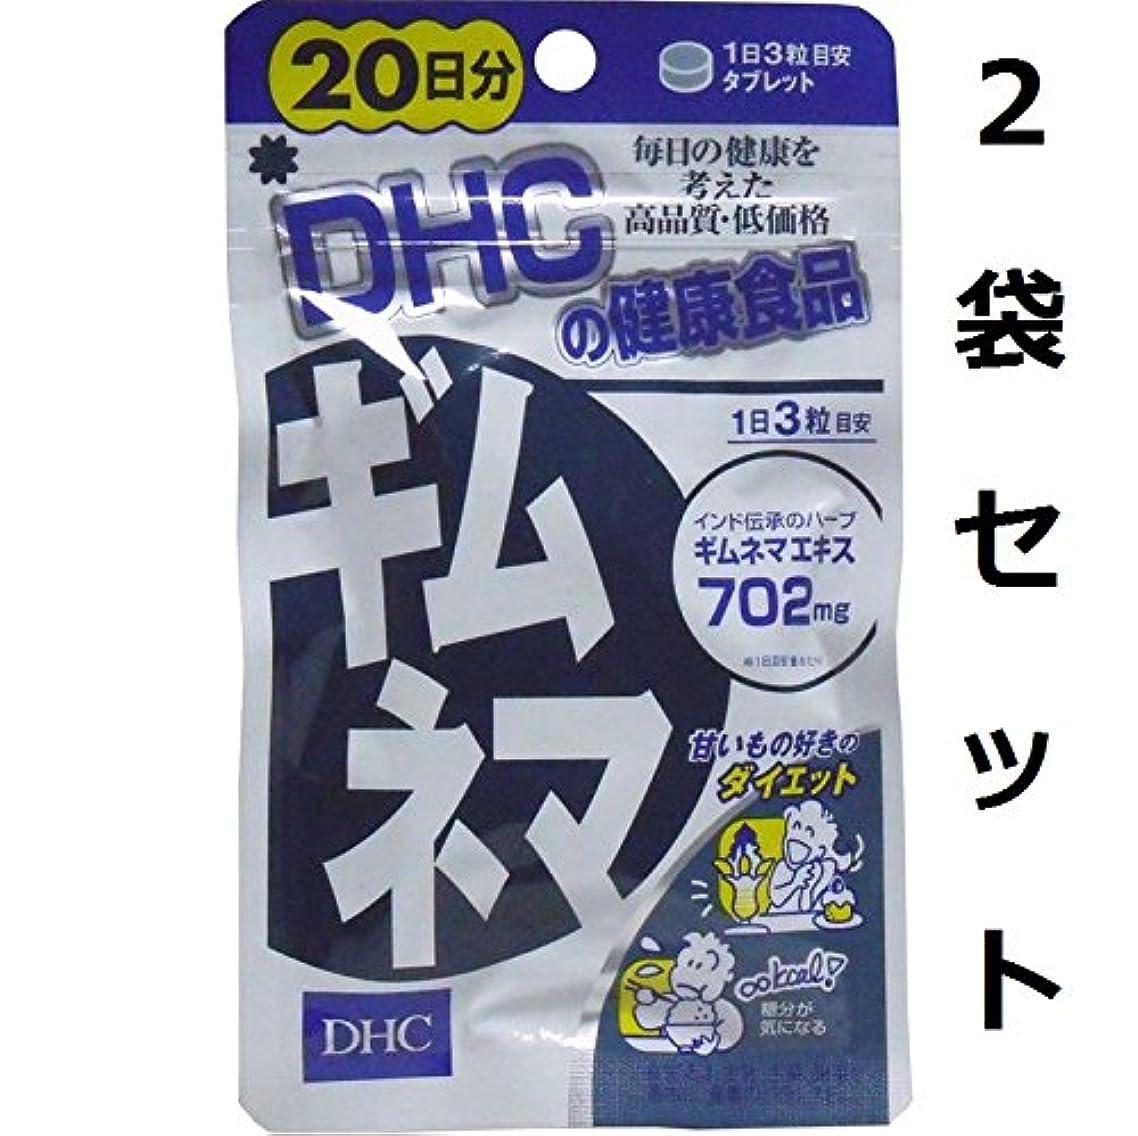 延ばすまたはどちらかタック我慢せずに余分な糖分をブロック DHC ギムネマ 20日分 60粒 2袋セット